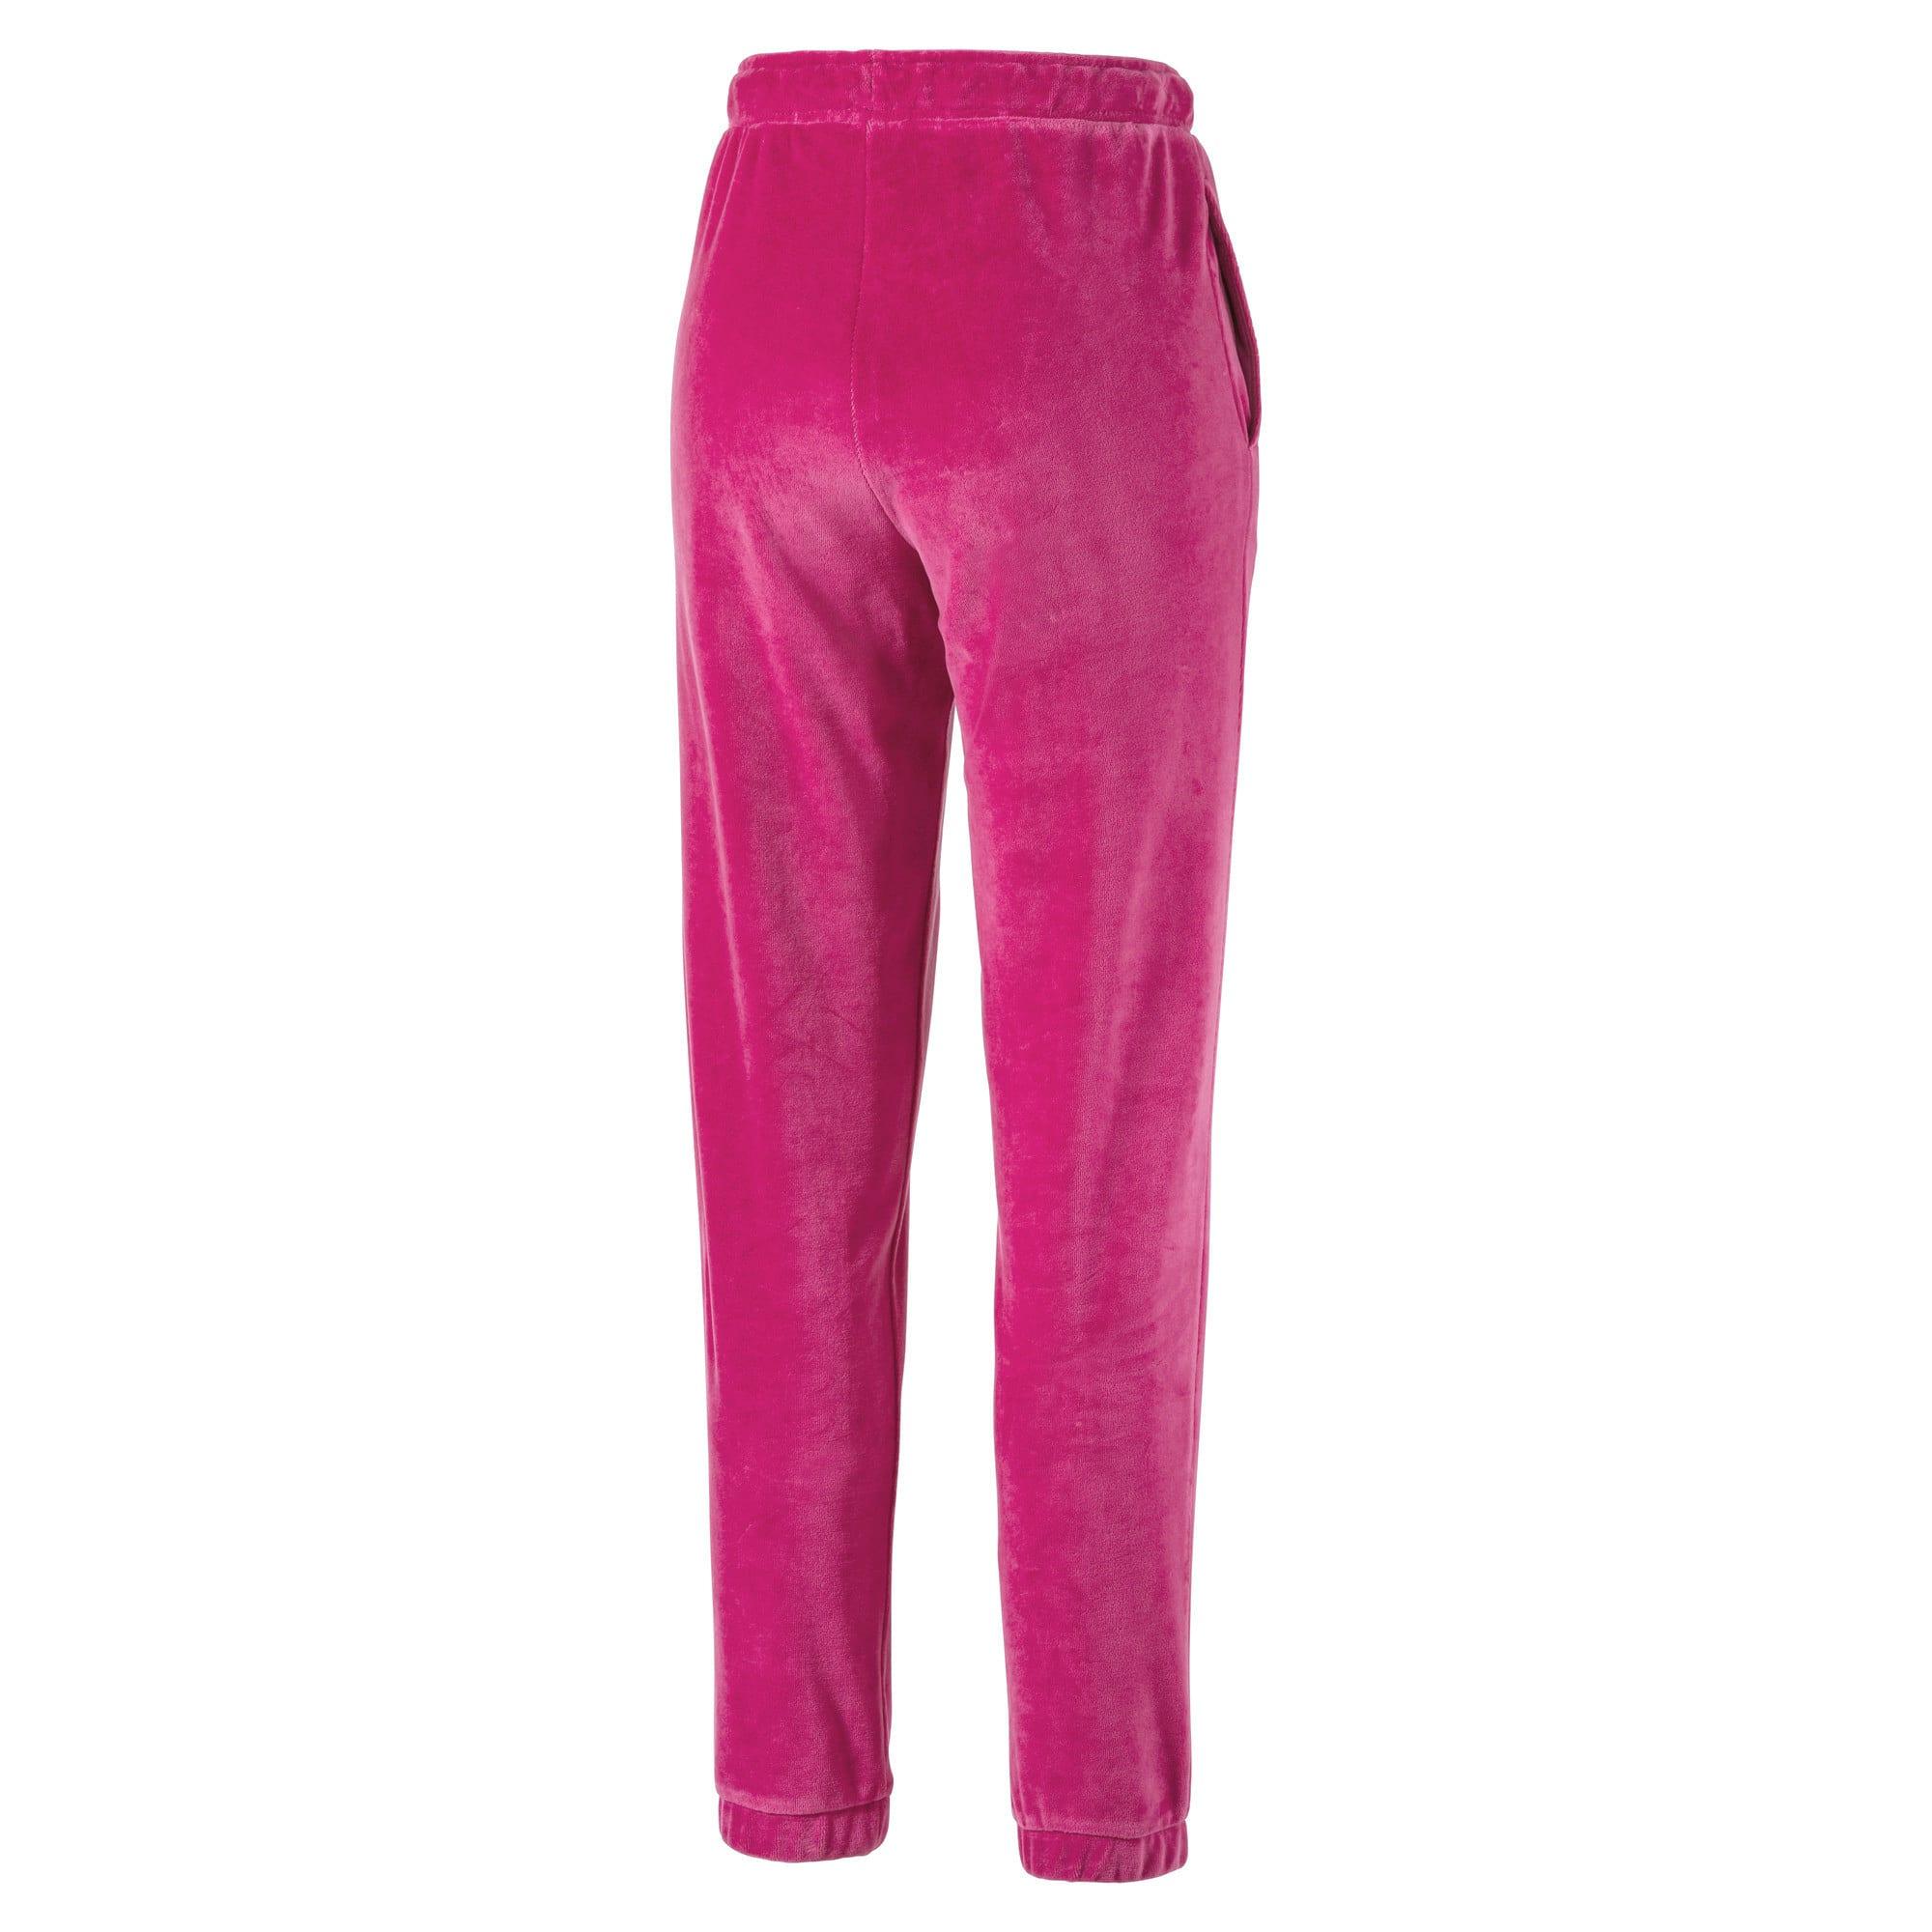 Thumbnail 3 of Velvet Women's Pants, Magenta Haze, medium